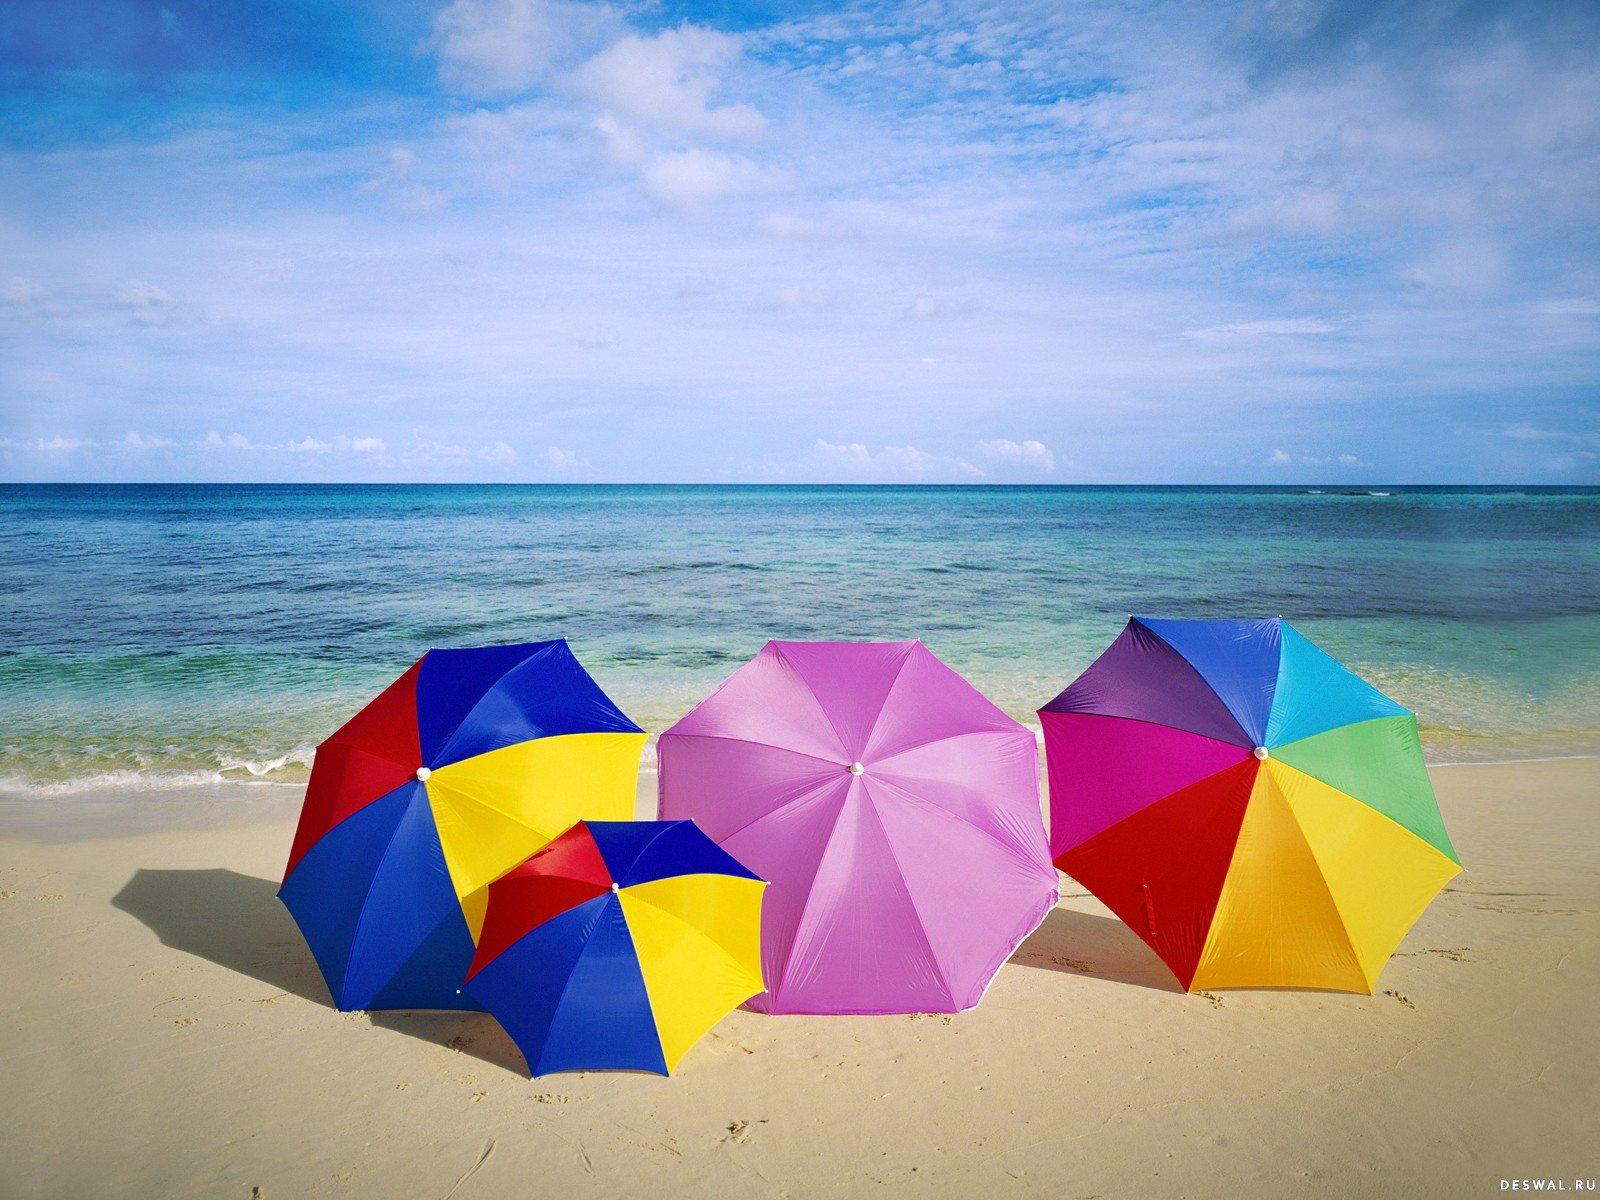 Фото 136.. Нажмите на картинку с обоями природы - пляж, чтобы просмотреть ее в реальном размере